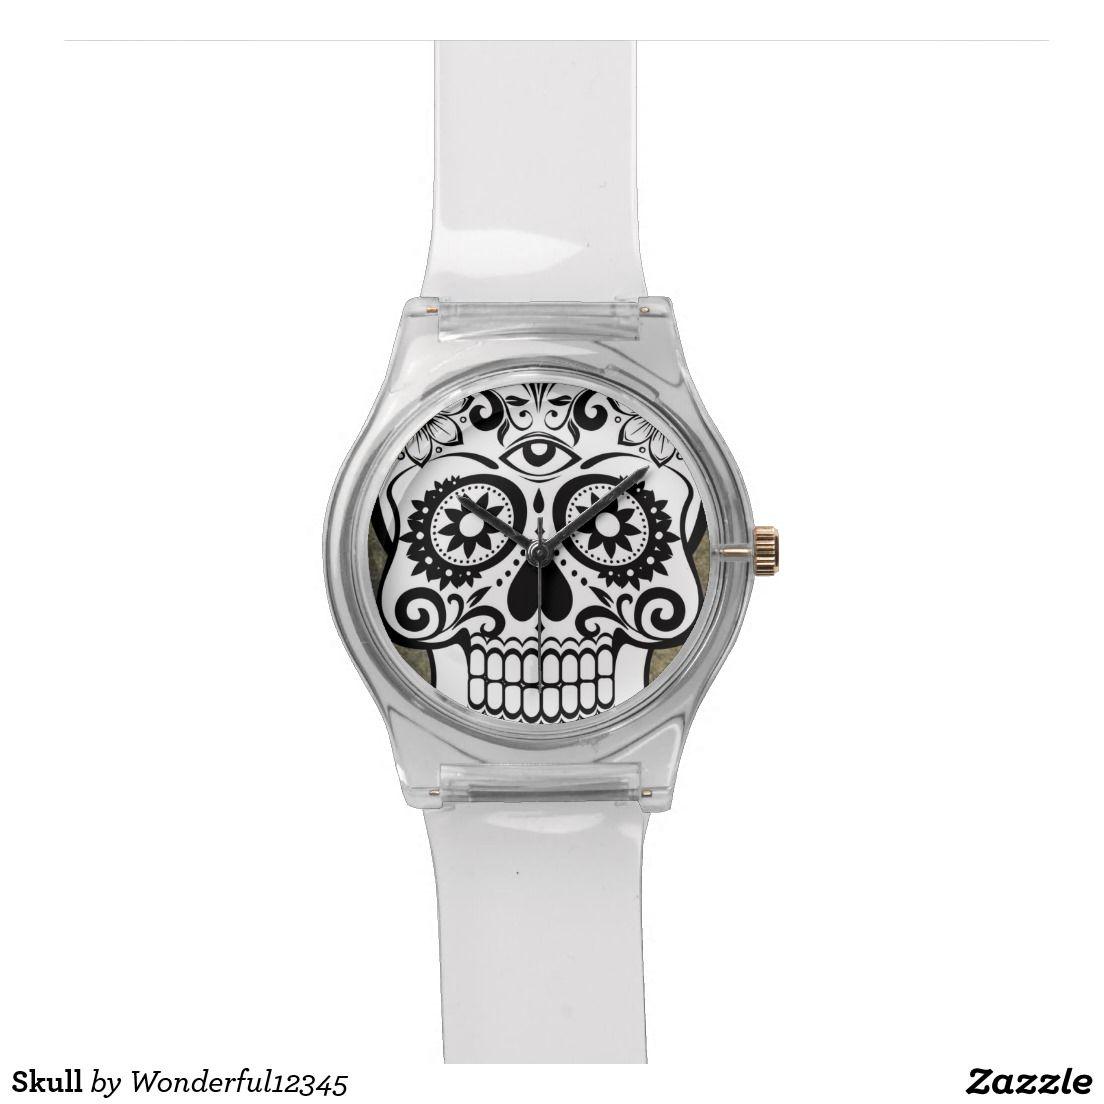 #Skull #Watch